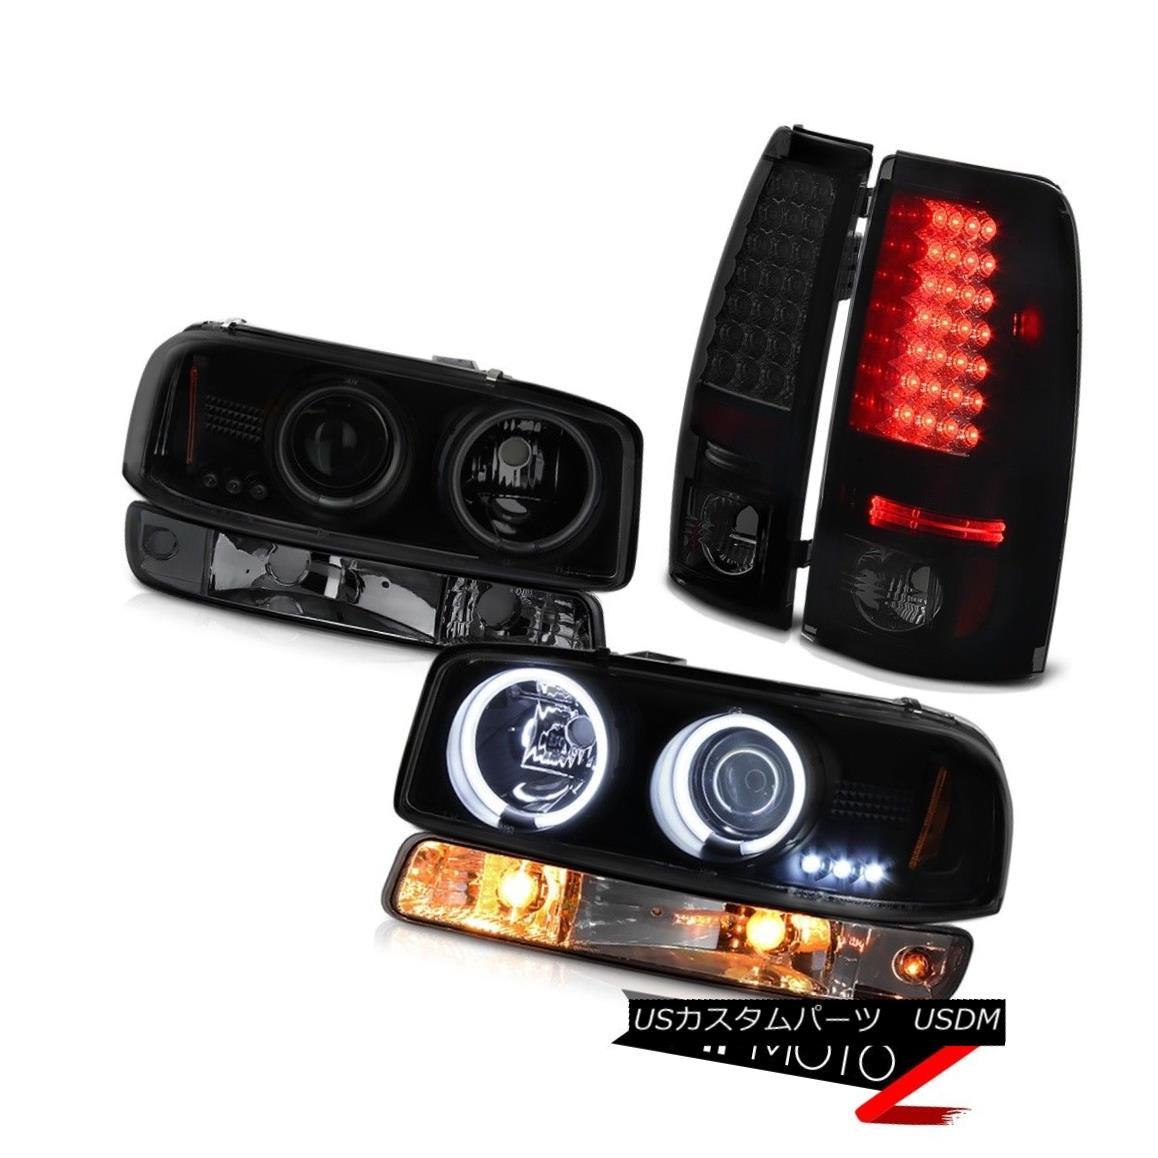 テールライト 99-02 Sierra SLT Dark tinted rear smd brake lights signal light ccfl headlamps 99-02 Sierra SLT暗い色の後部smdブレーキ灯信号灯ccflヘッドライト